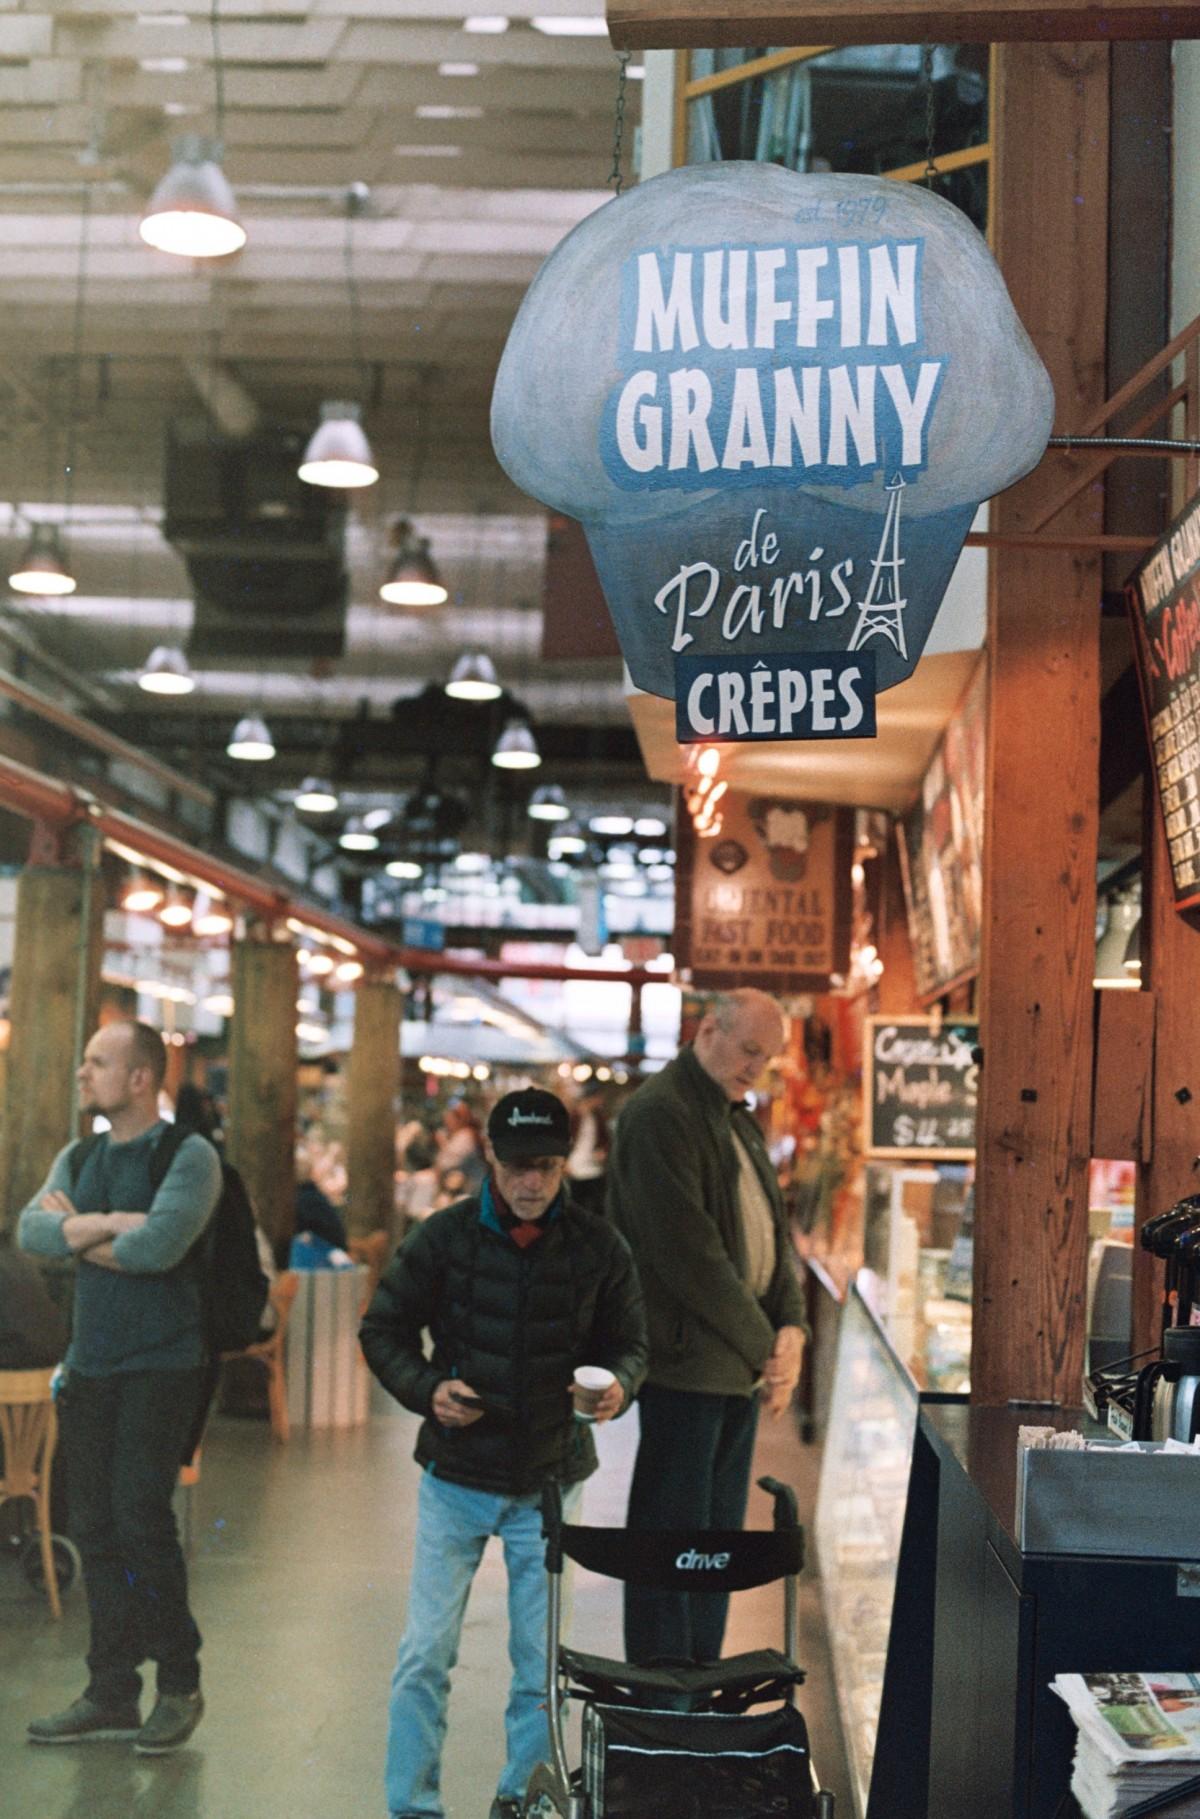 Filme Dentro Da Casa pertaining to banco de imagens : restaurante, filme, refeição, comida, cânone